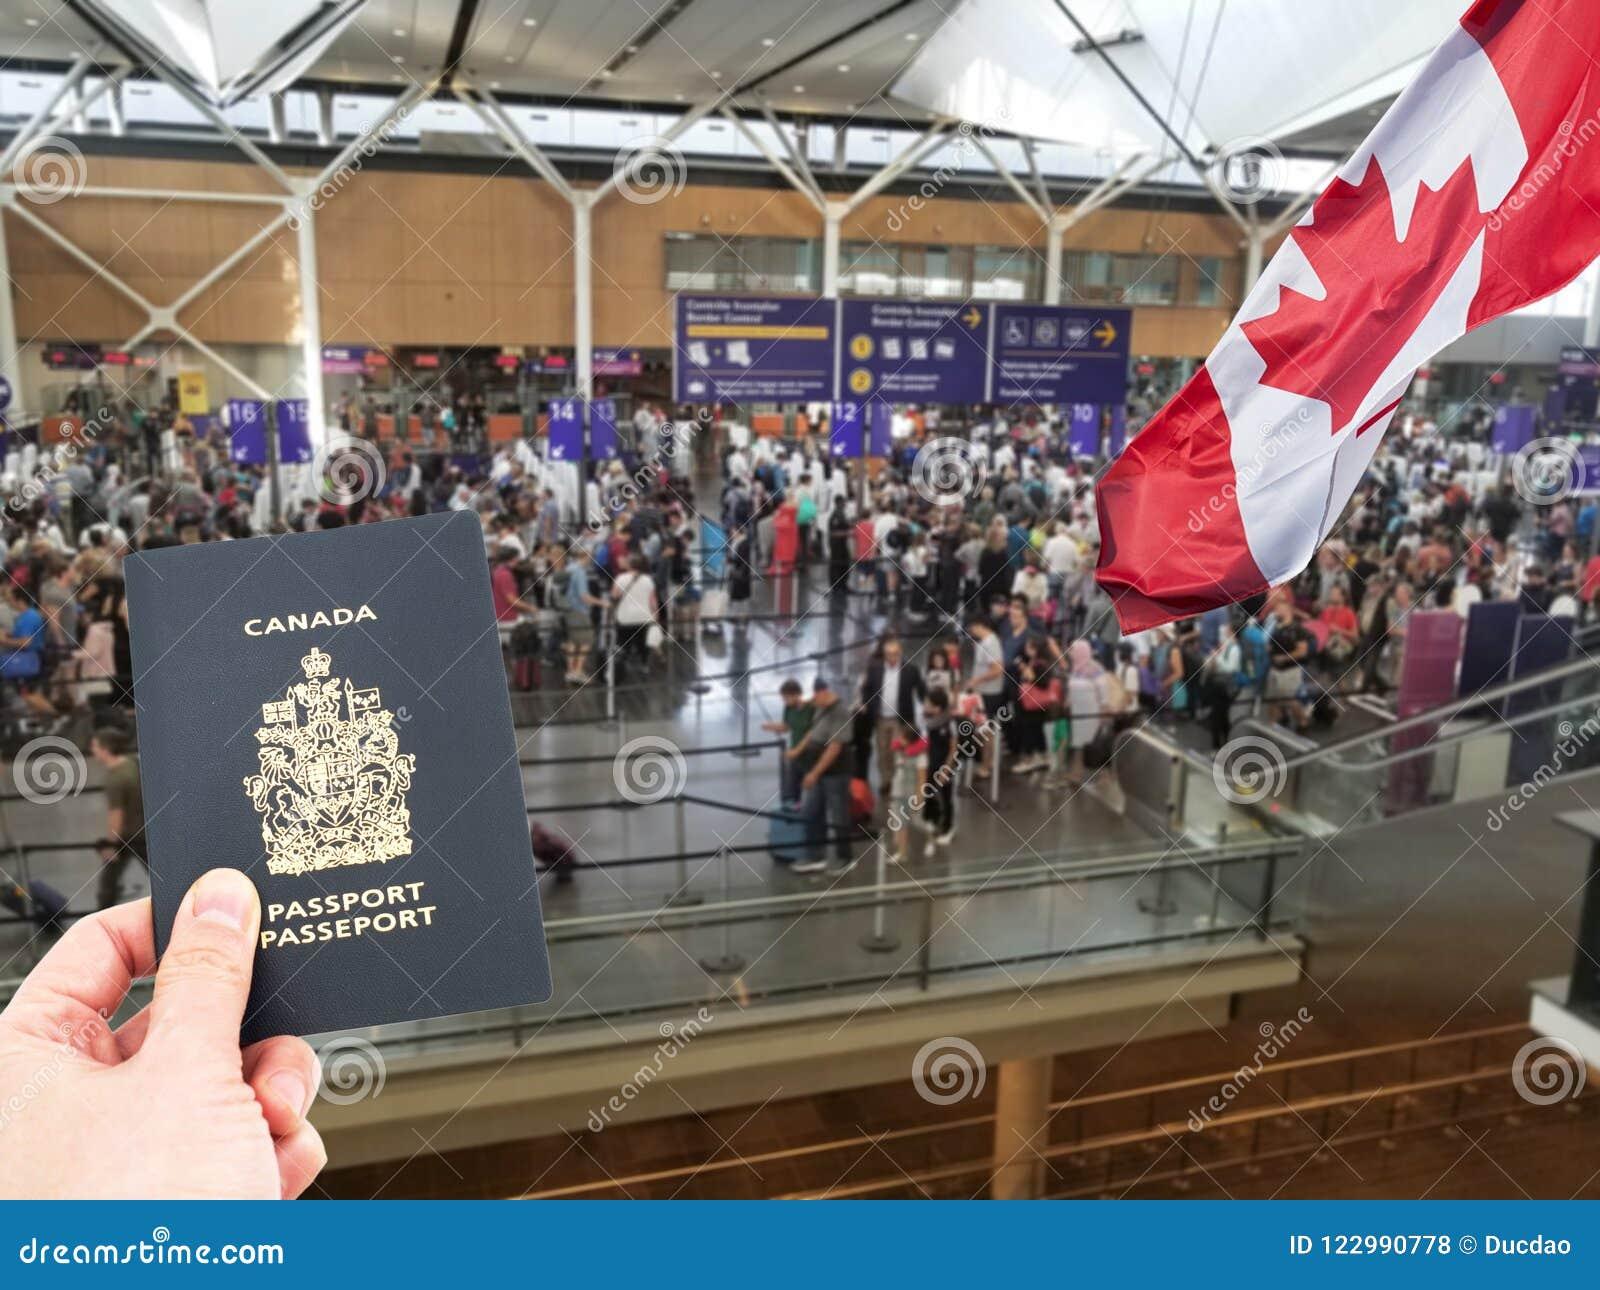 Hand handing Canadian passport